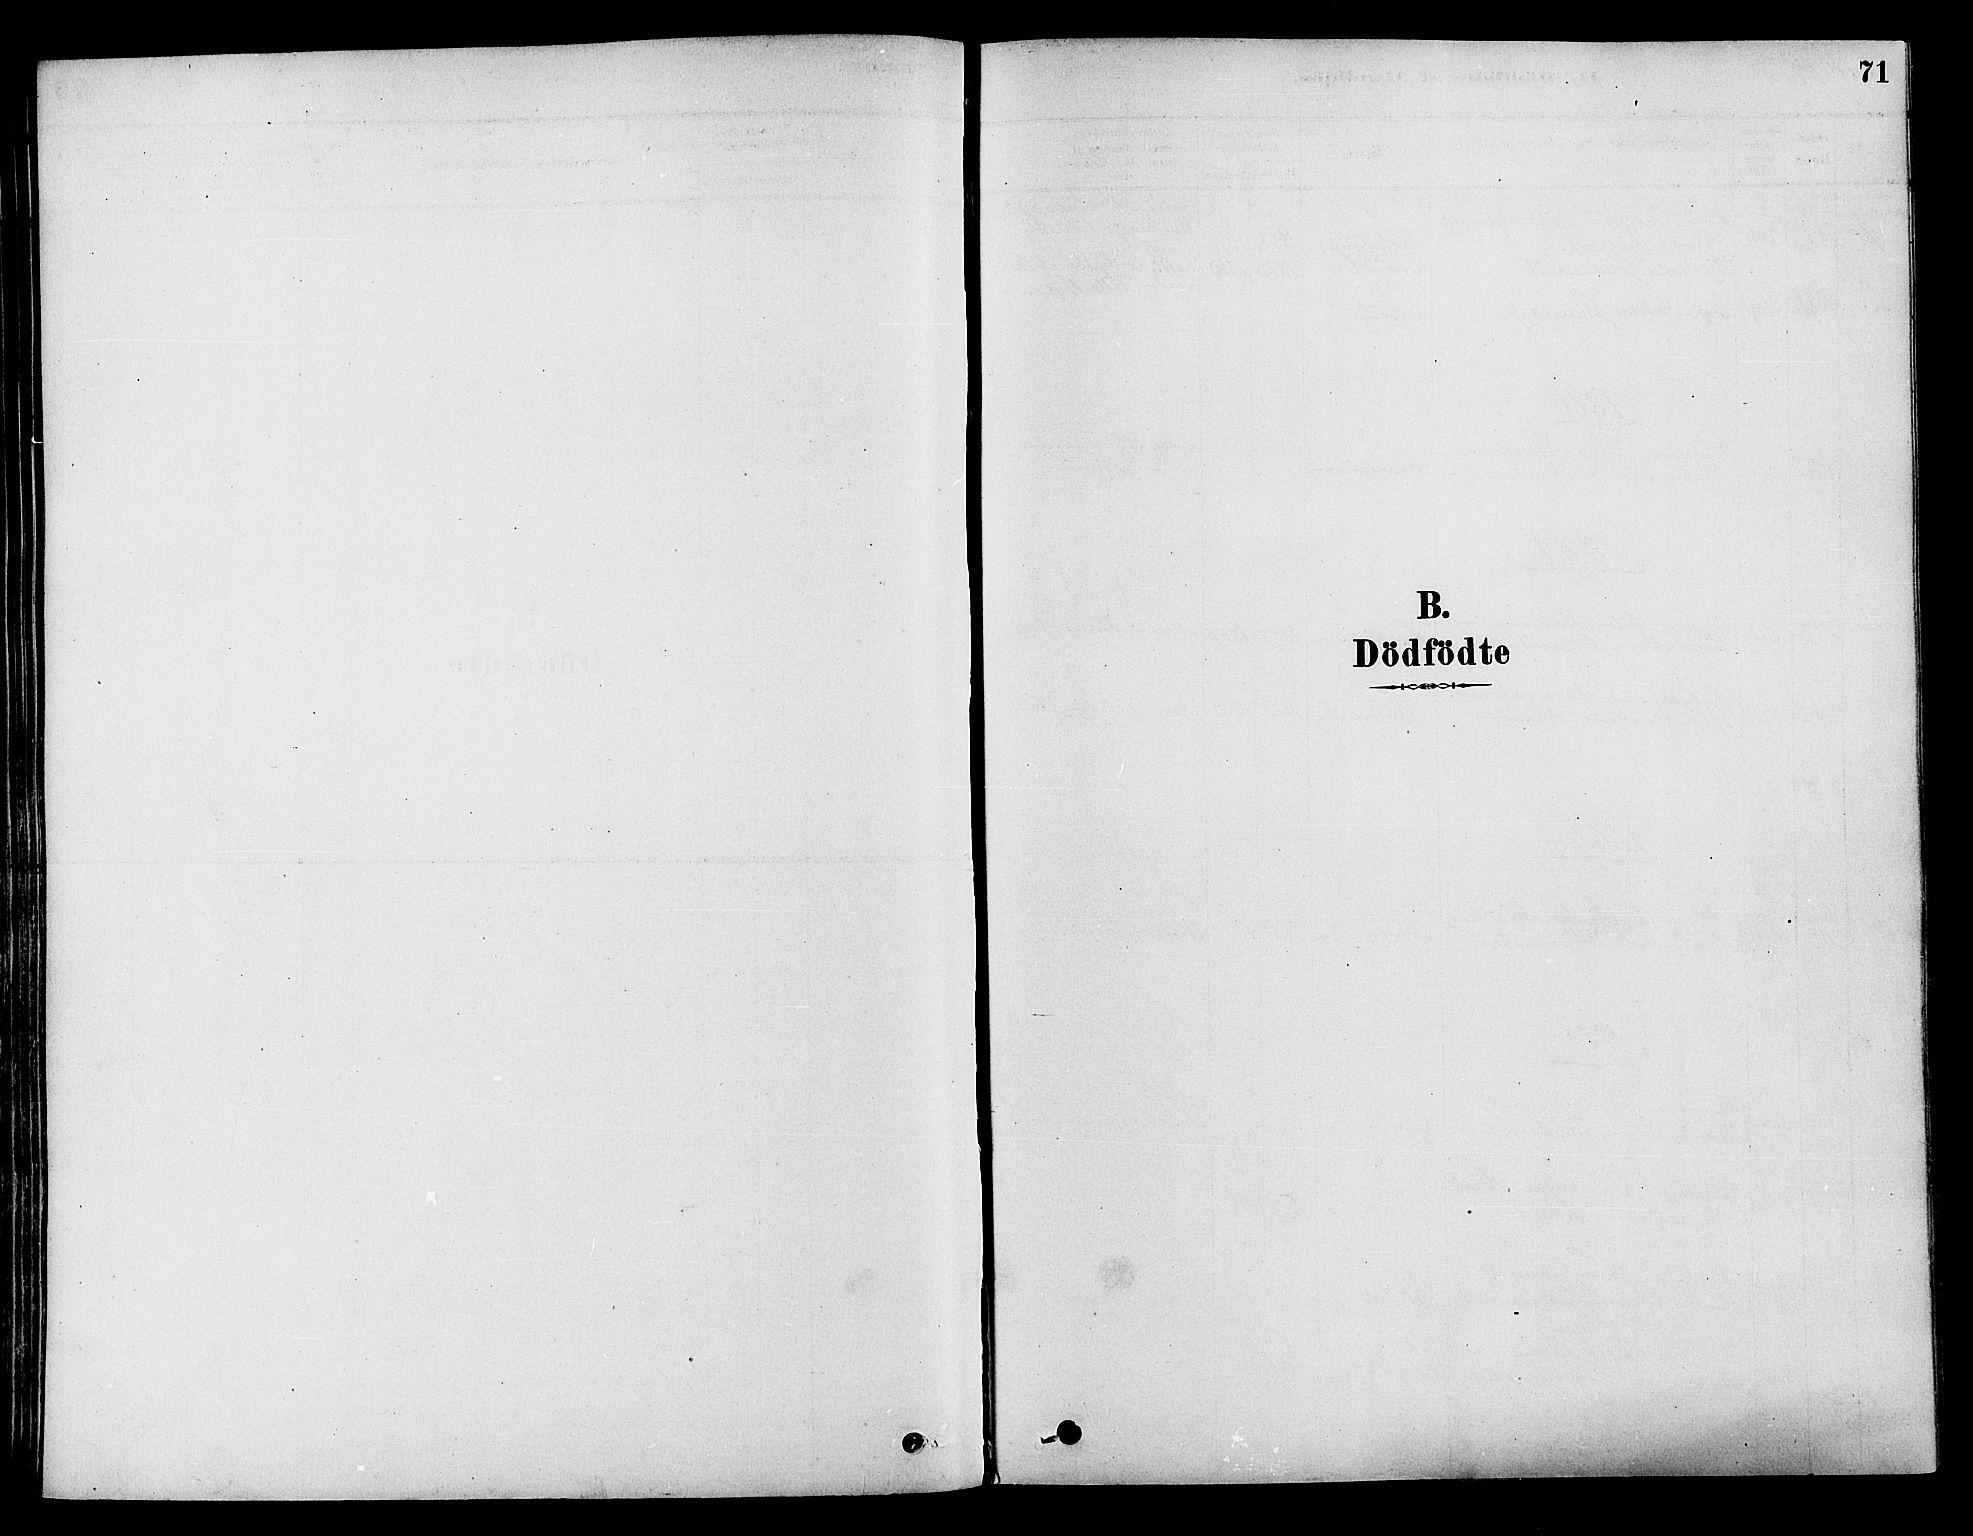 SAH, Søndre Land prestekontor, K/L0002: Ministerialbok nr. 2, 1878-1894, s. 71